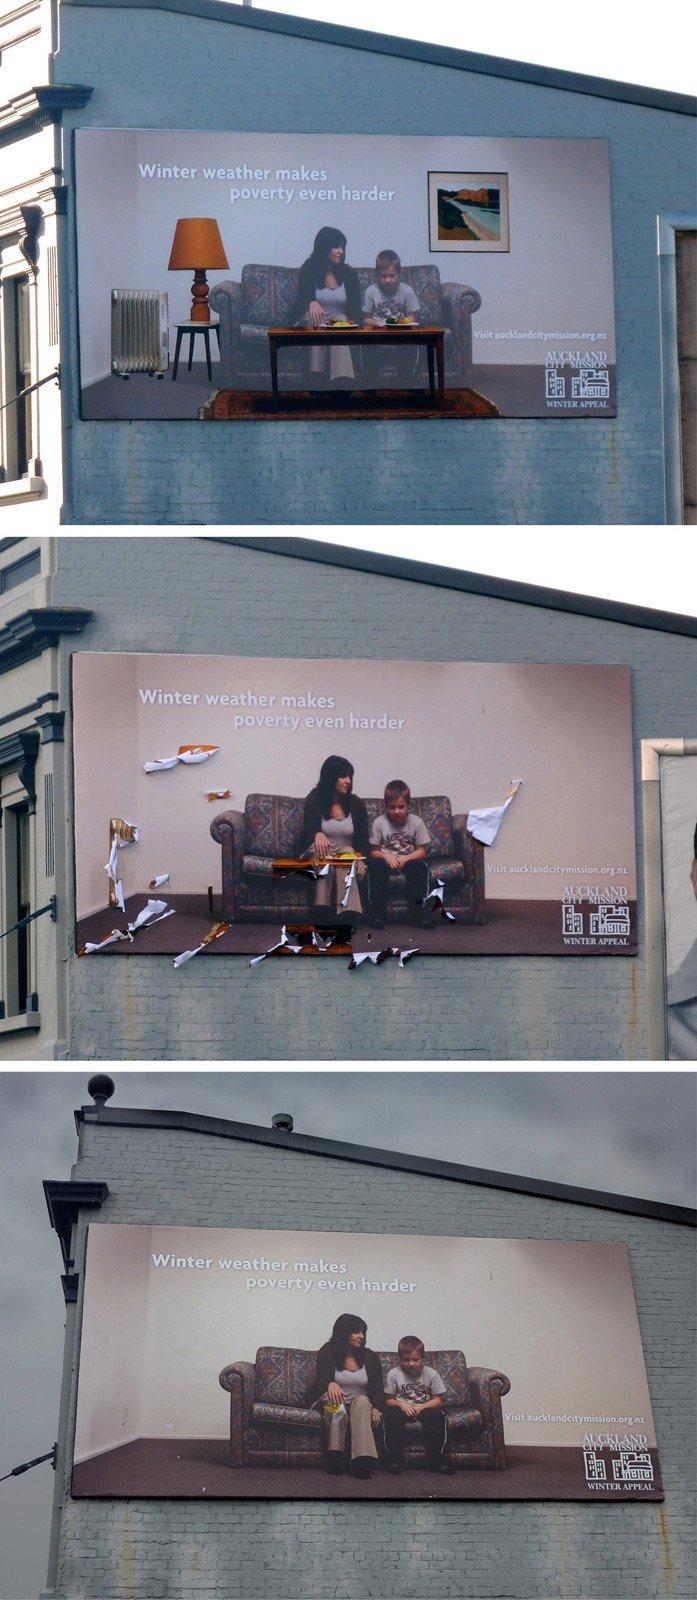 Nuova Zelanda: un billboard meteo-sensibile a favore dei poveri